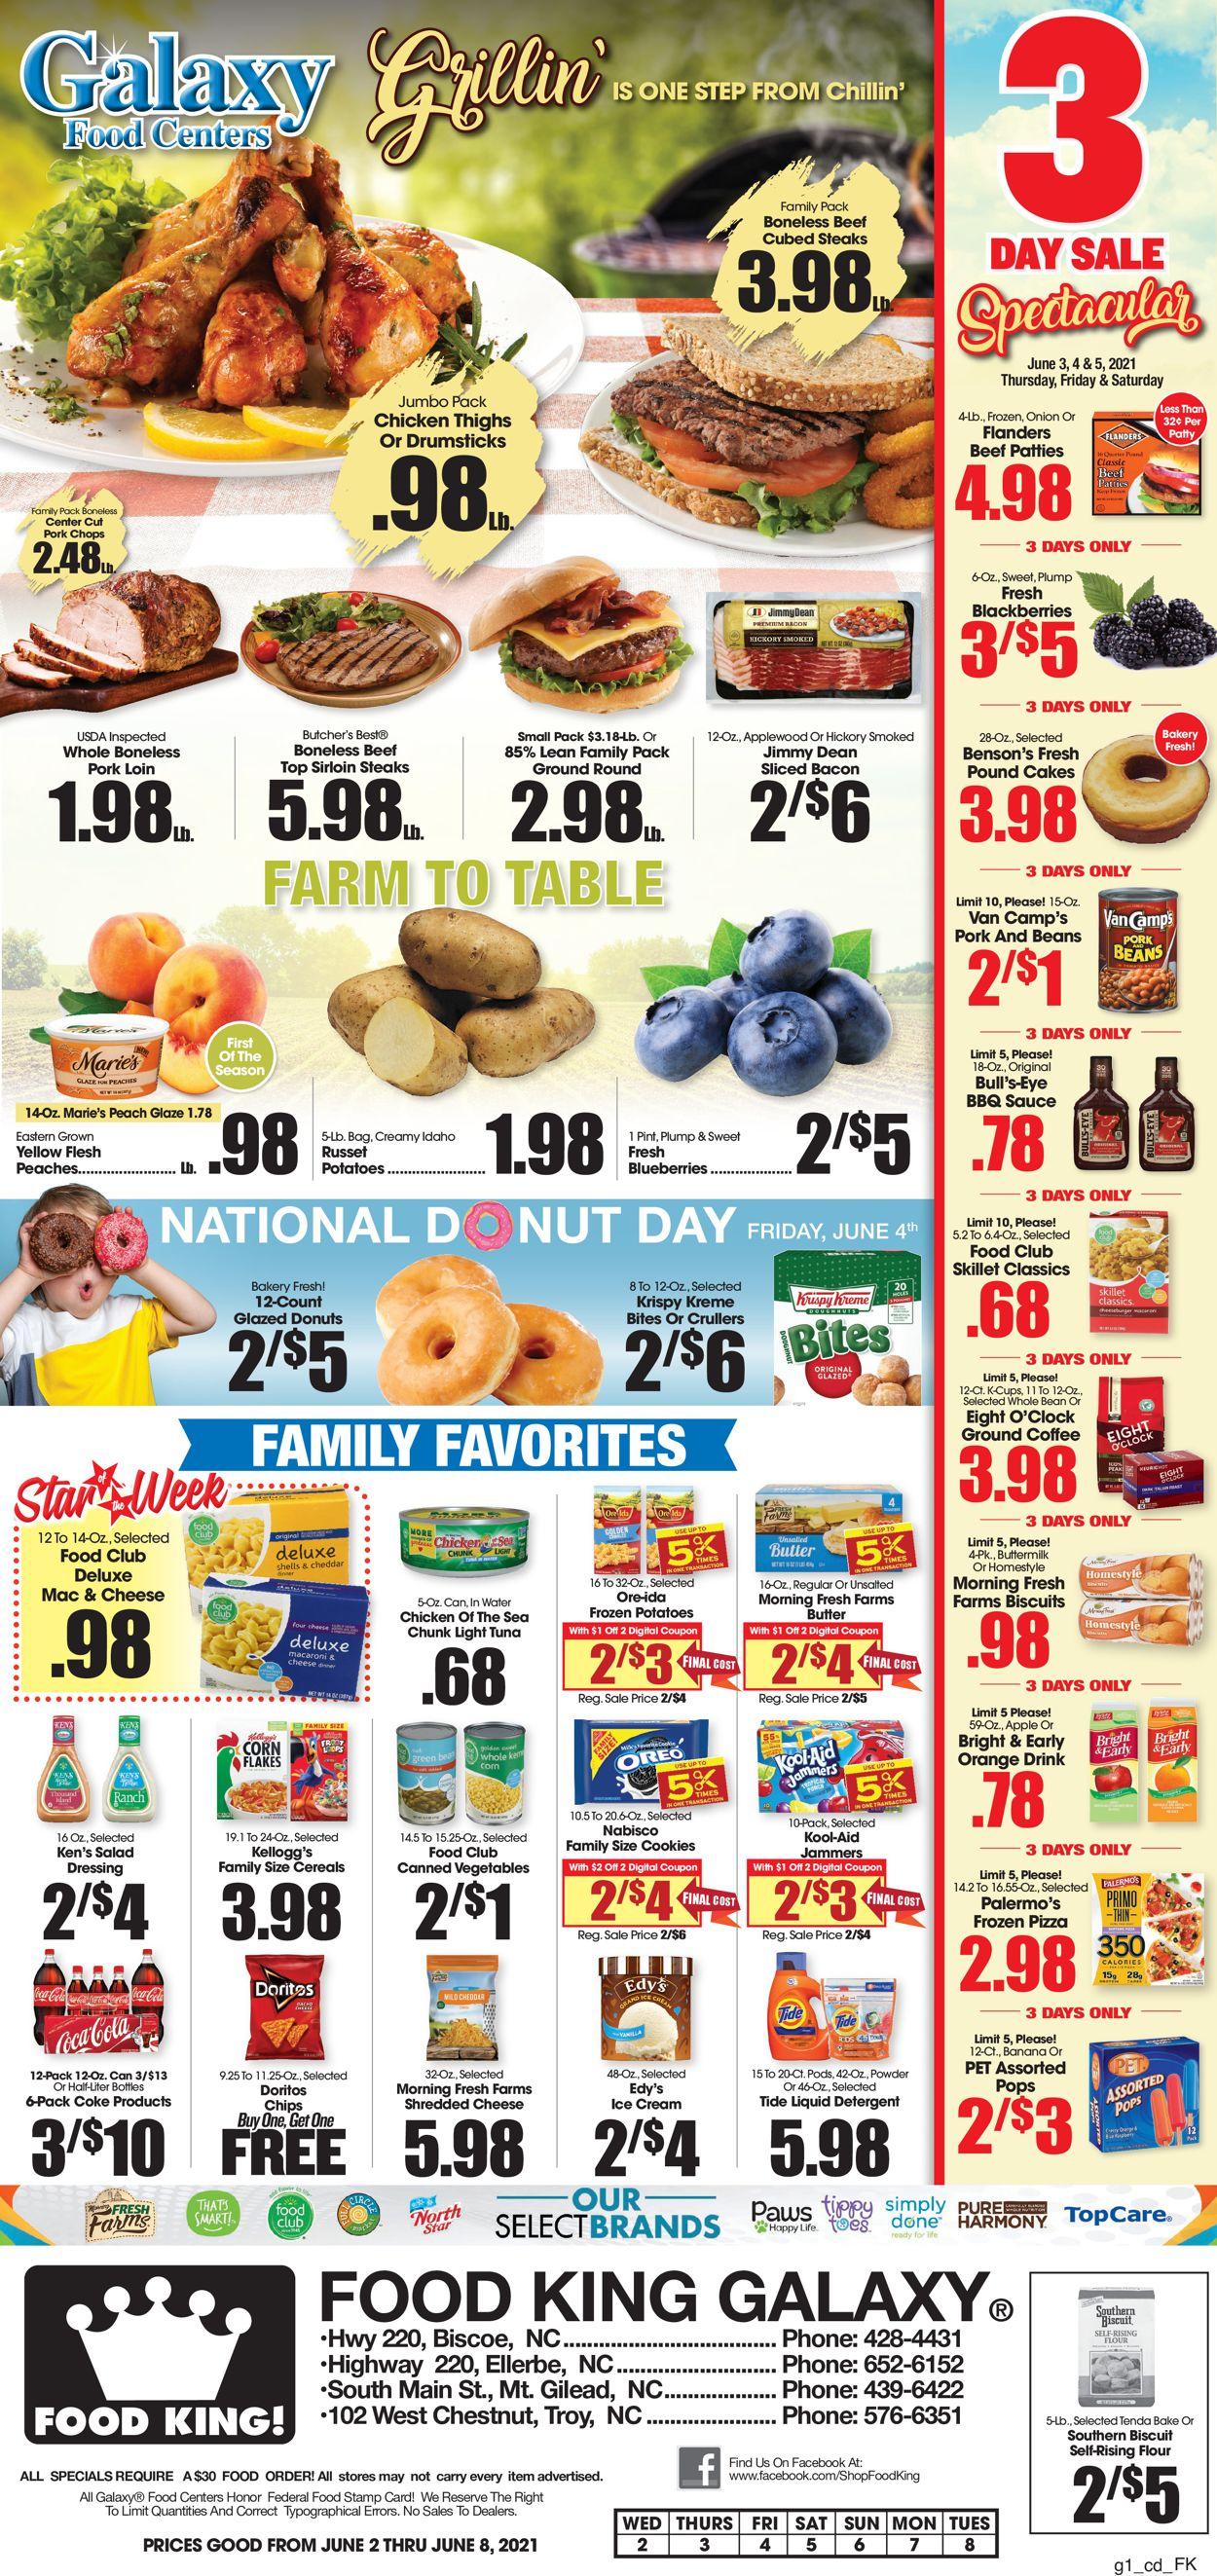 Food King Weekly Ad Circular - valid 06/02-06/08/2021